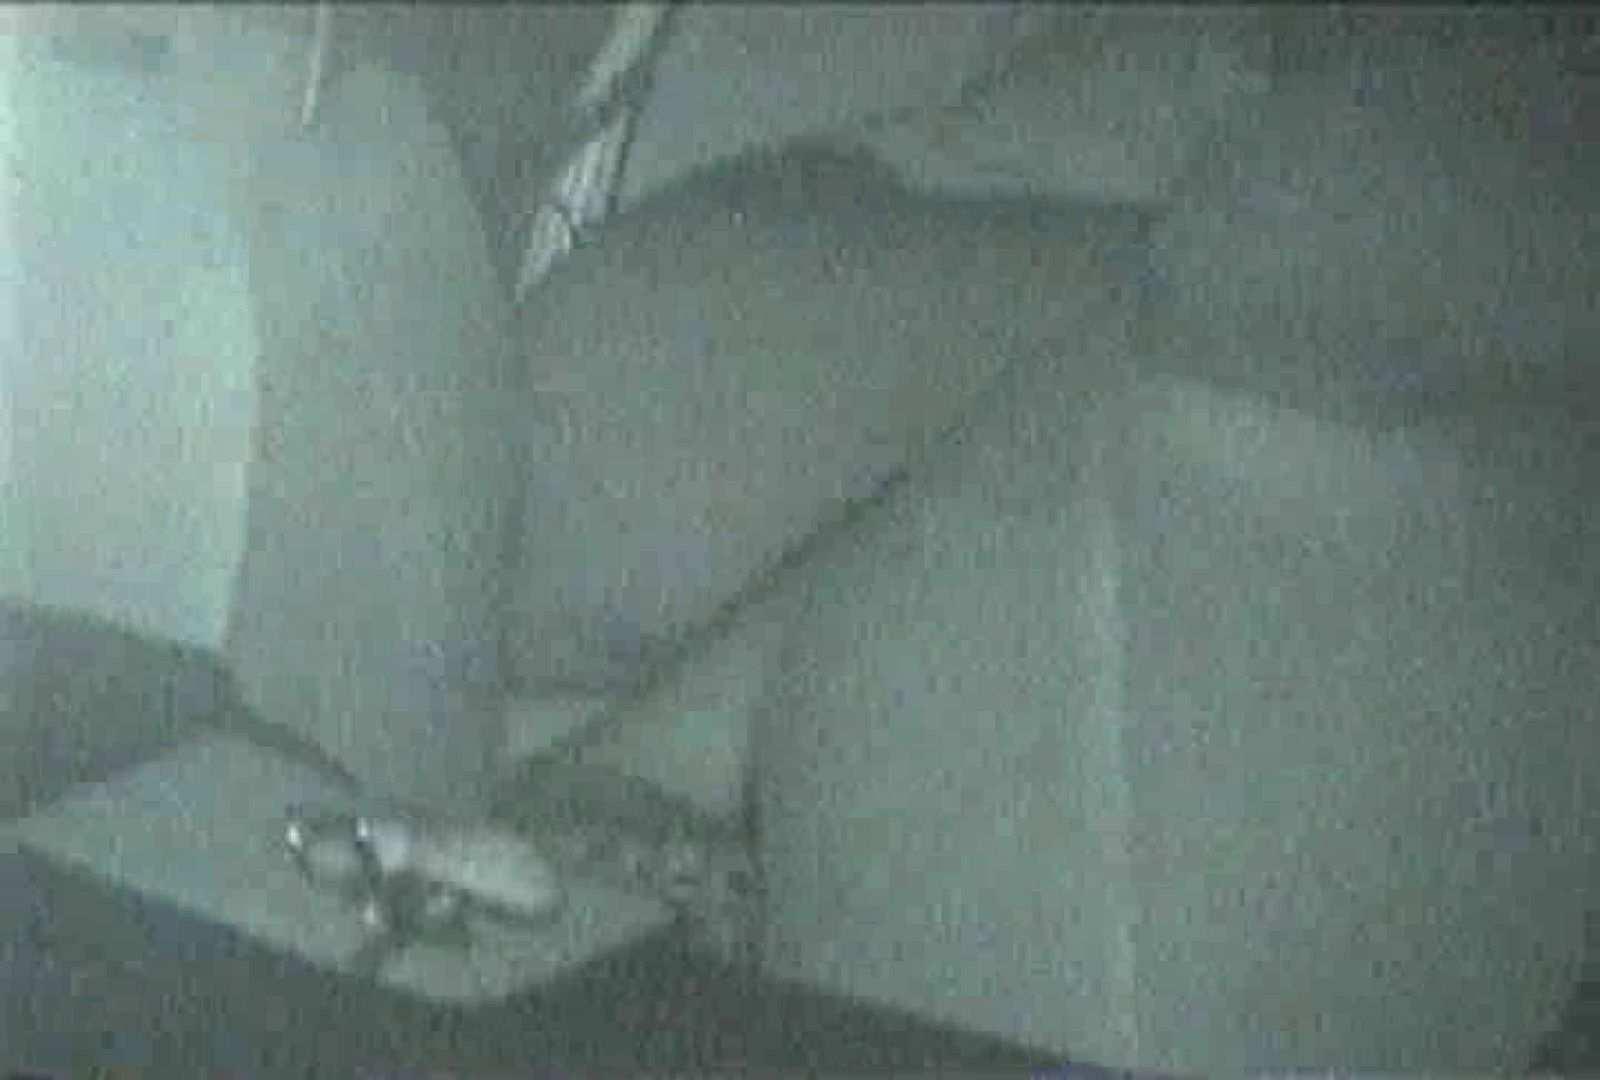 充血監督の深夜の運動会Vol.99 ギャルのエロ動画 | カップル盗撮  87画像 73